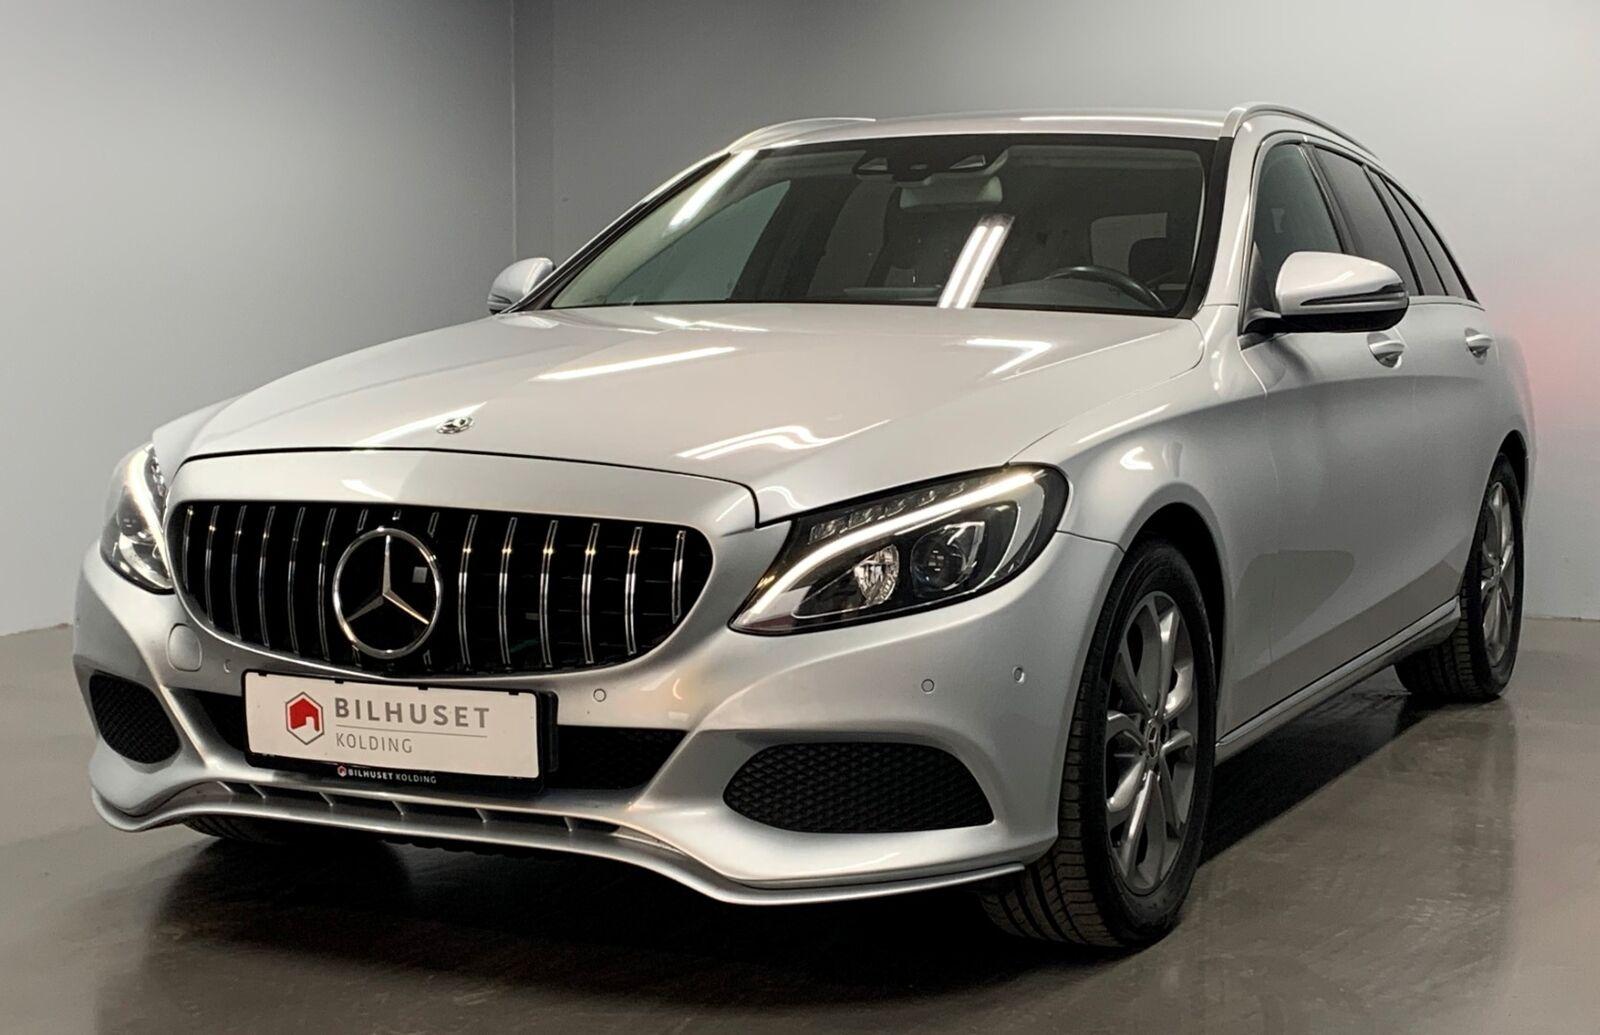 Mercedes C220 d 2,2 Avantgarde stc. aut. 5d - 314.990 kr.